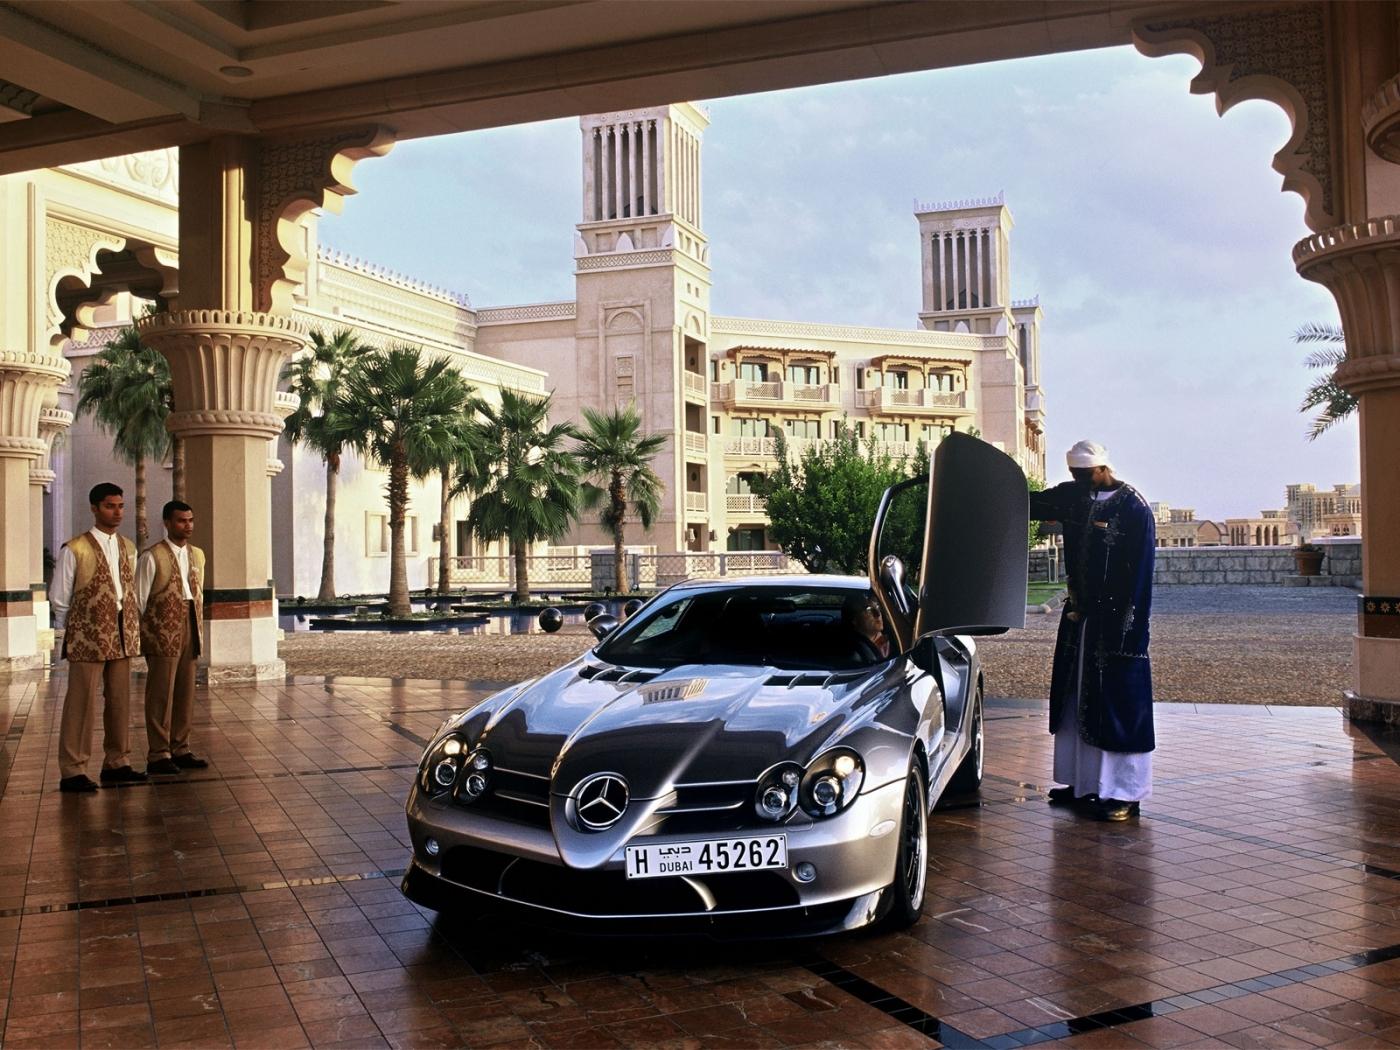 47972 скачать обои Транспорт, Машины, Мерседес (Mercedes) - заставки и картинки бесплатно